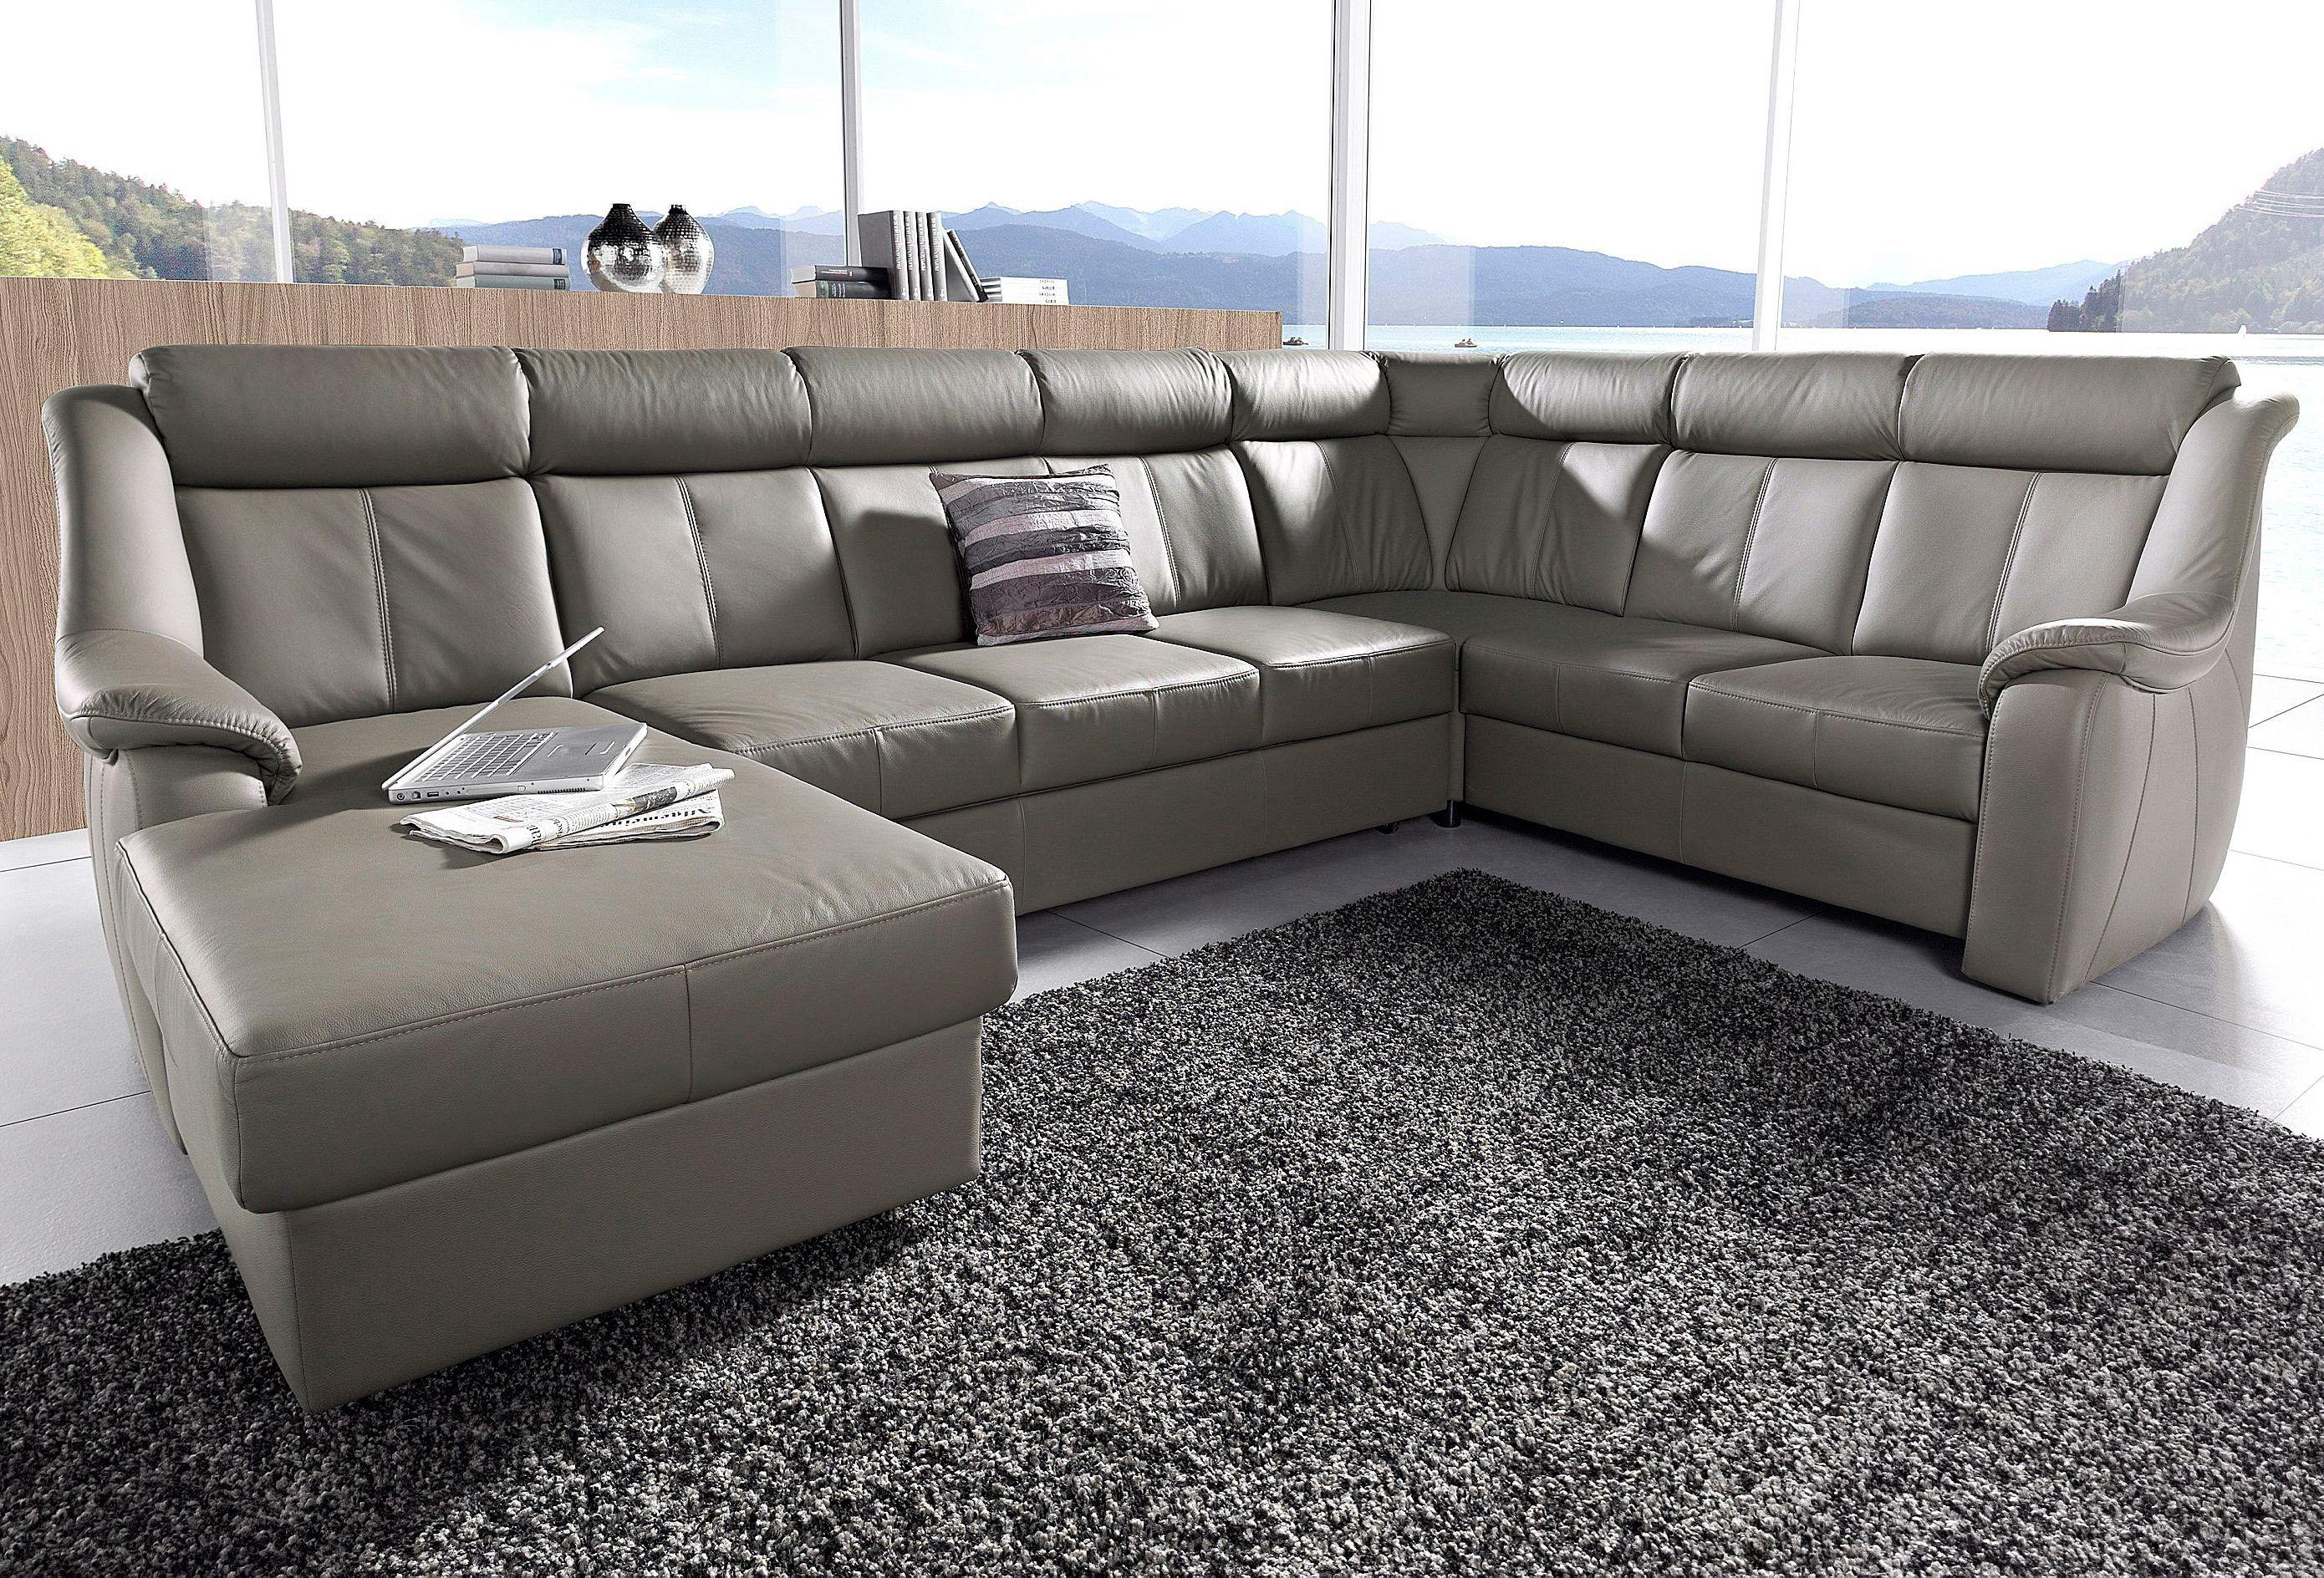 Bemerkenswert Sofa Mit Relaxfunktion Foto Von Wohnlandschaft Grau, Relaxfunktion, Recamiere Links, Fsc®-zertifiziert, Yourhome